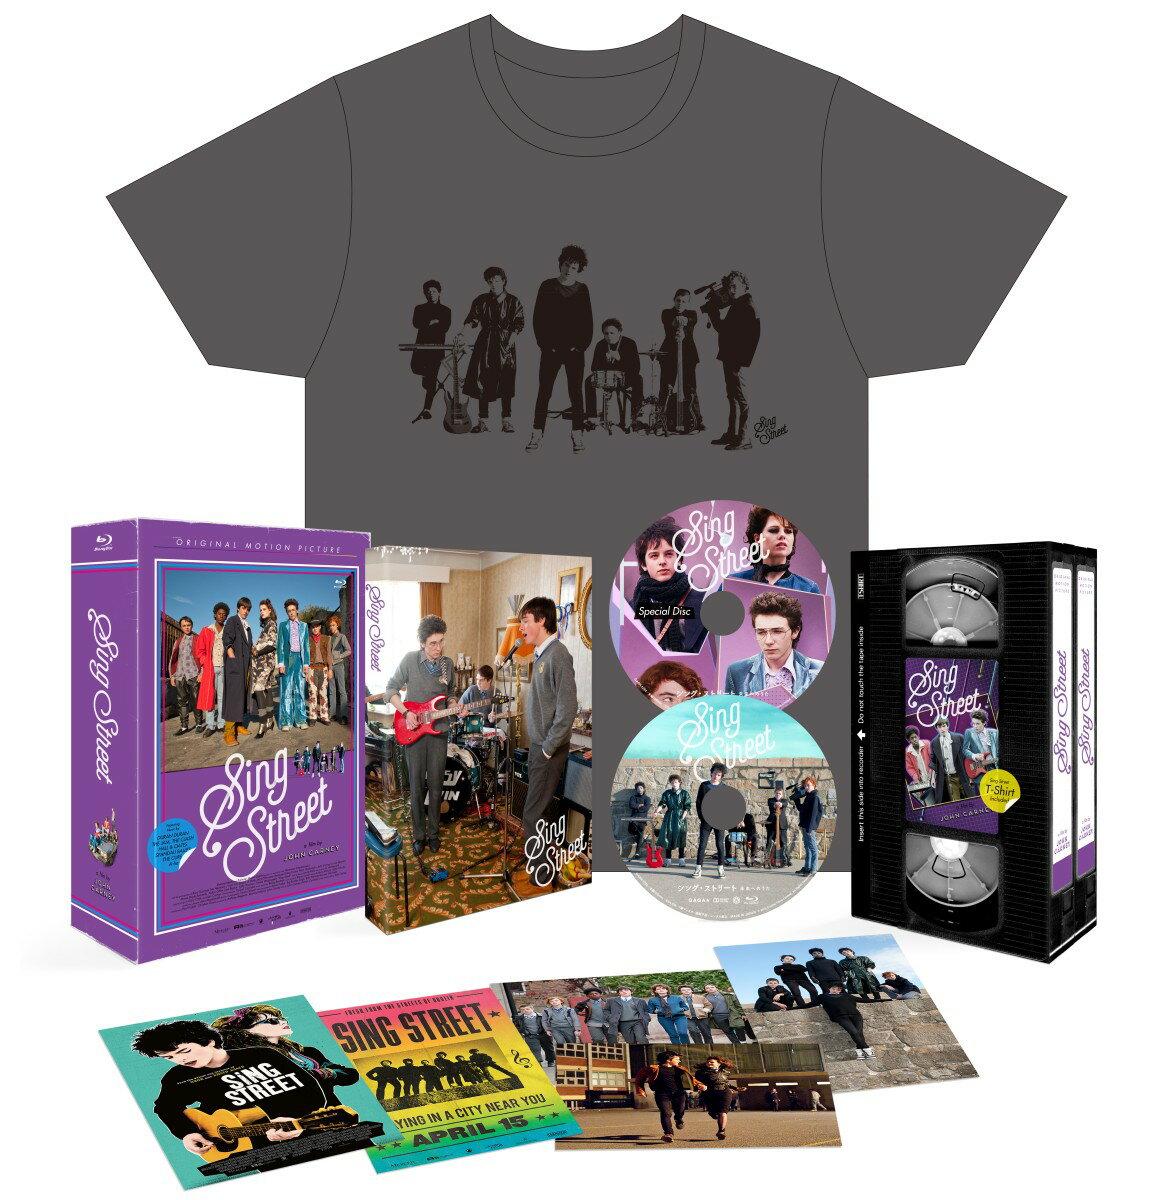 シング・ストリート 未来へのうた Blu-rayプレミアム・エディション<2枚組>(初回限定生産)【Blu-ray】 [ フェルディア・ウォルシュ=ピーロ ]